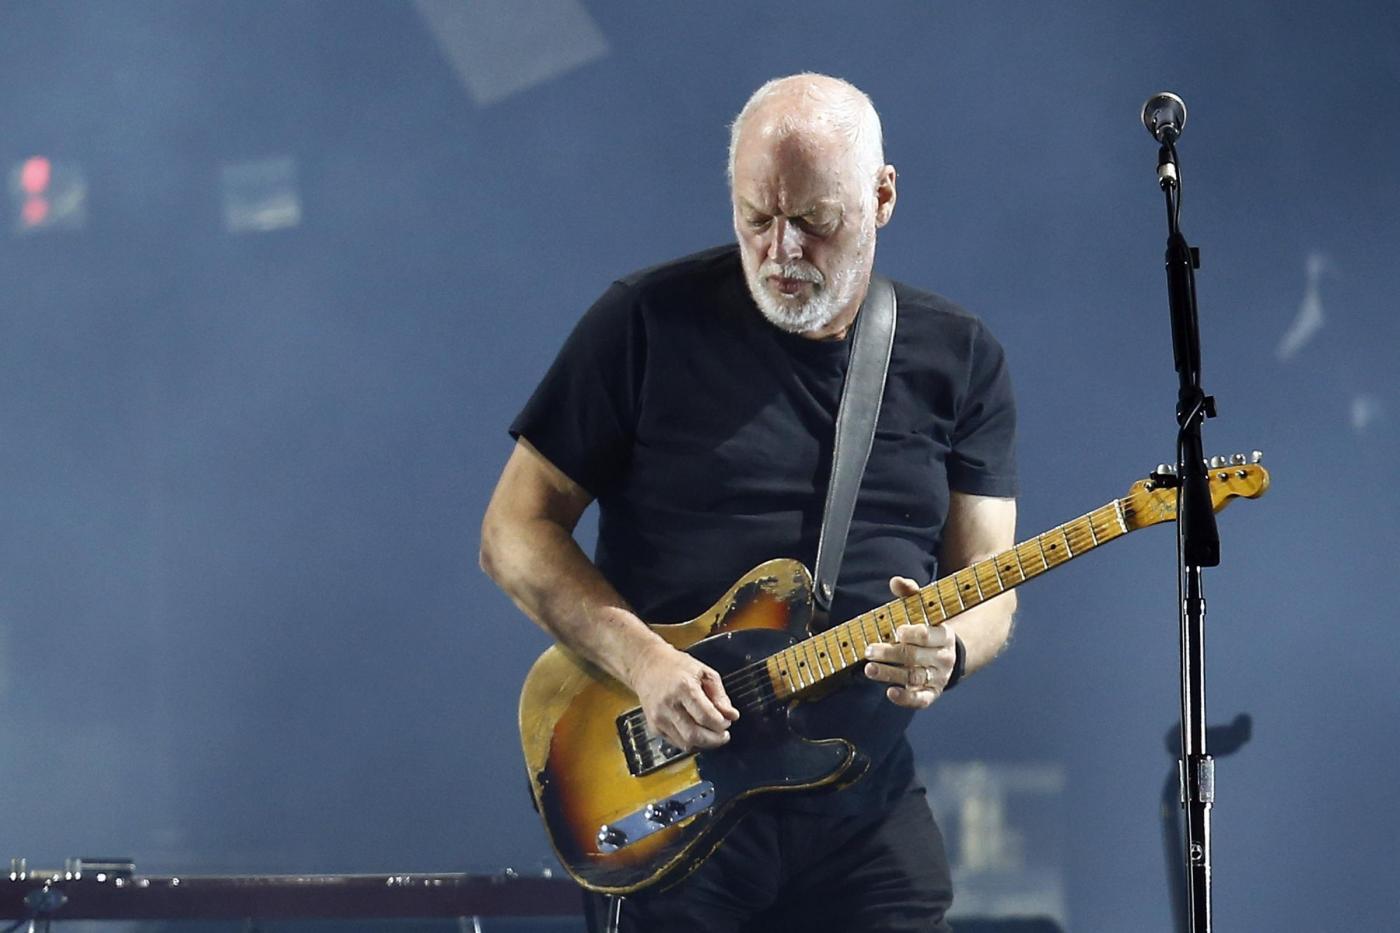 David Gilmour a Pompei, concerti per soli ricchi: ogni biglietto costerà 300 euro